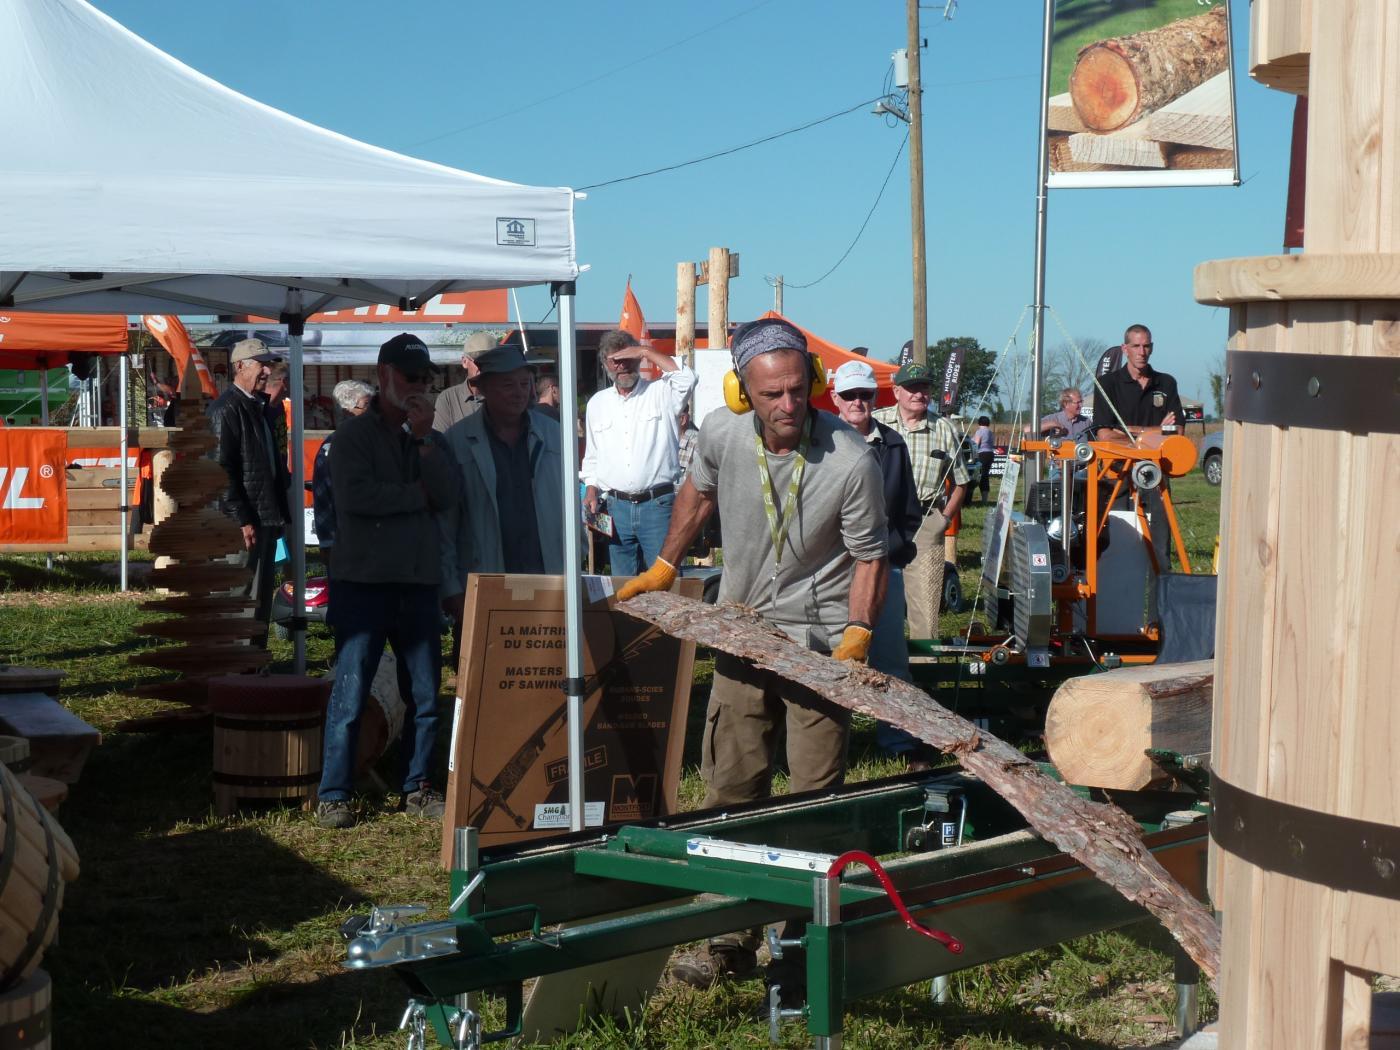 Scierie mobile - Le petit moulin du 4 milles - Artisans du cèdre - Cédrières - Saunas - Les barils - Cantons de l'Est - Estrie